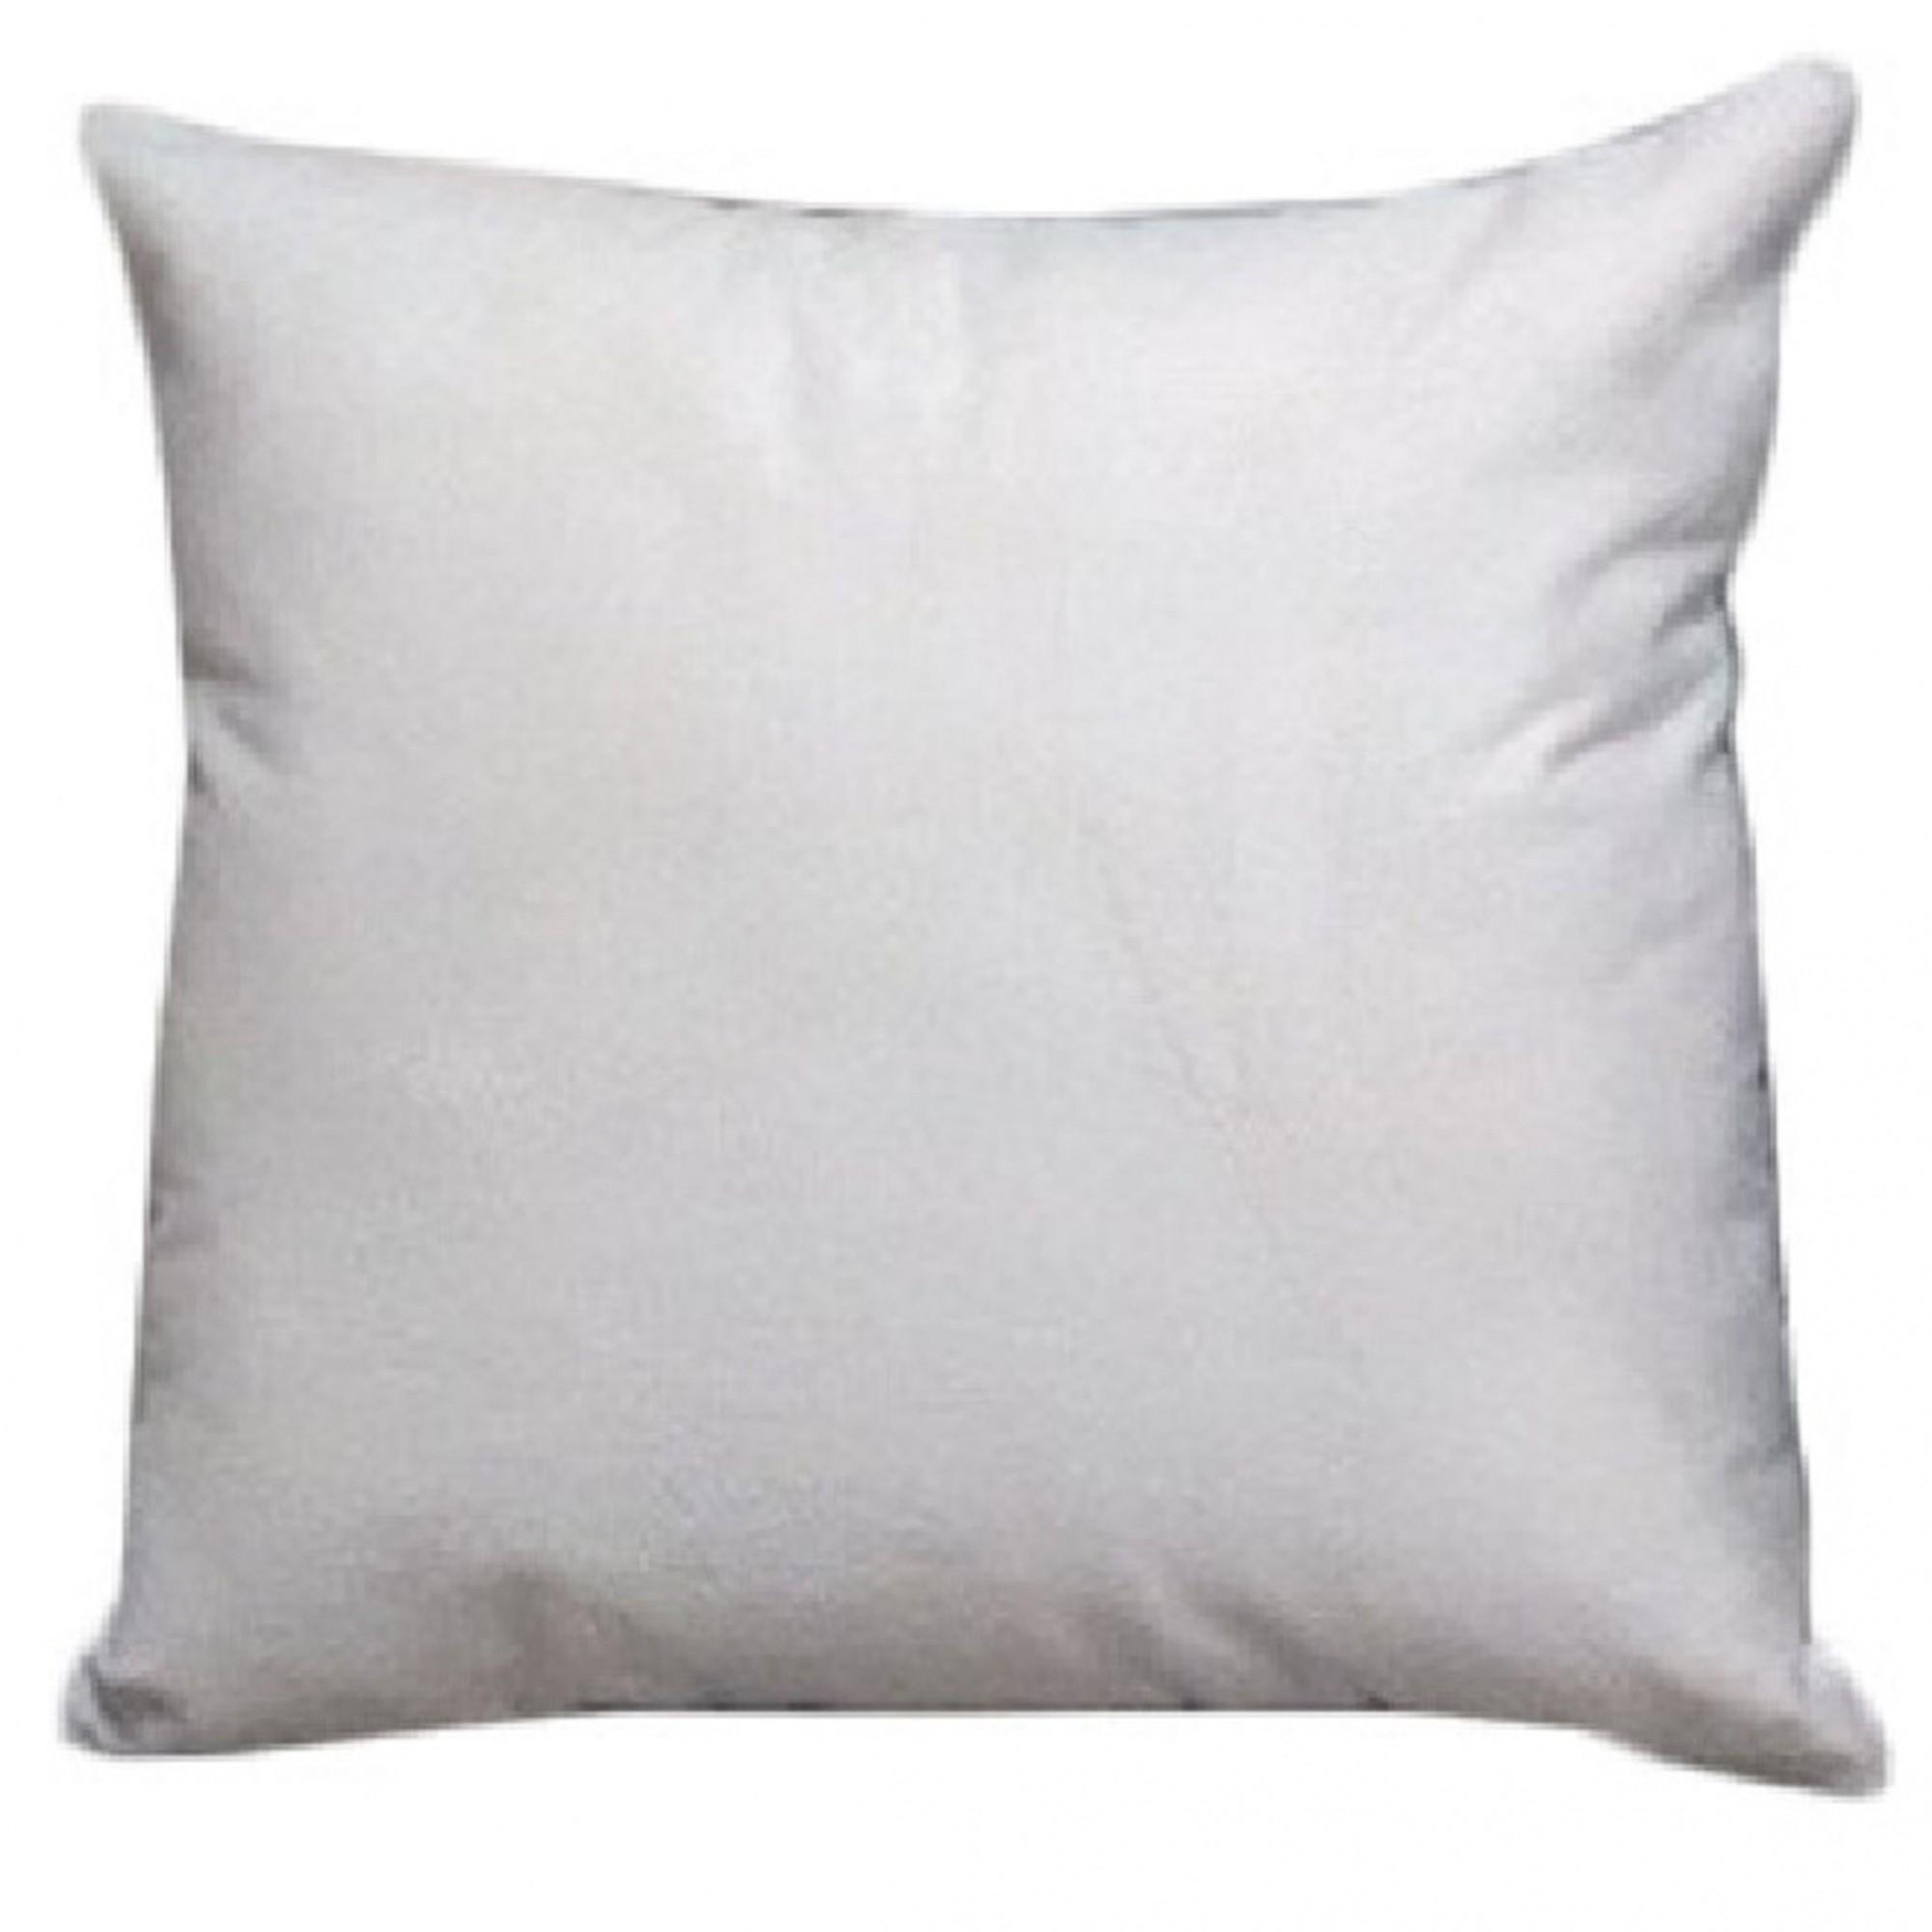 Almofada Decorativa de Tecido Com Zíper 100% Fibras 43x43cm